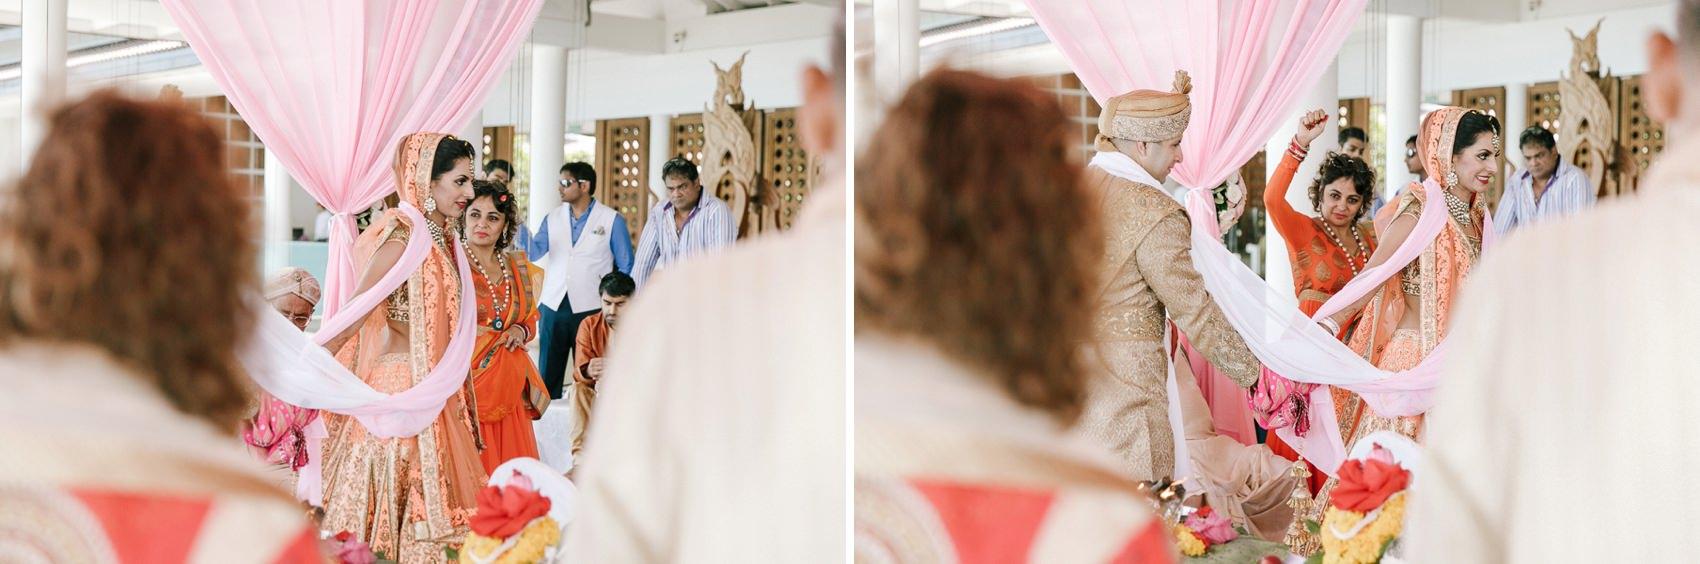 Indian-Wedding-Photography-Maala-Rohan_0233